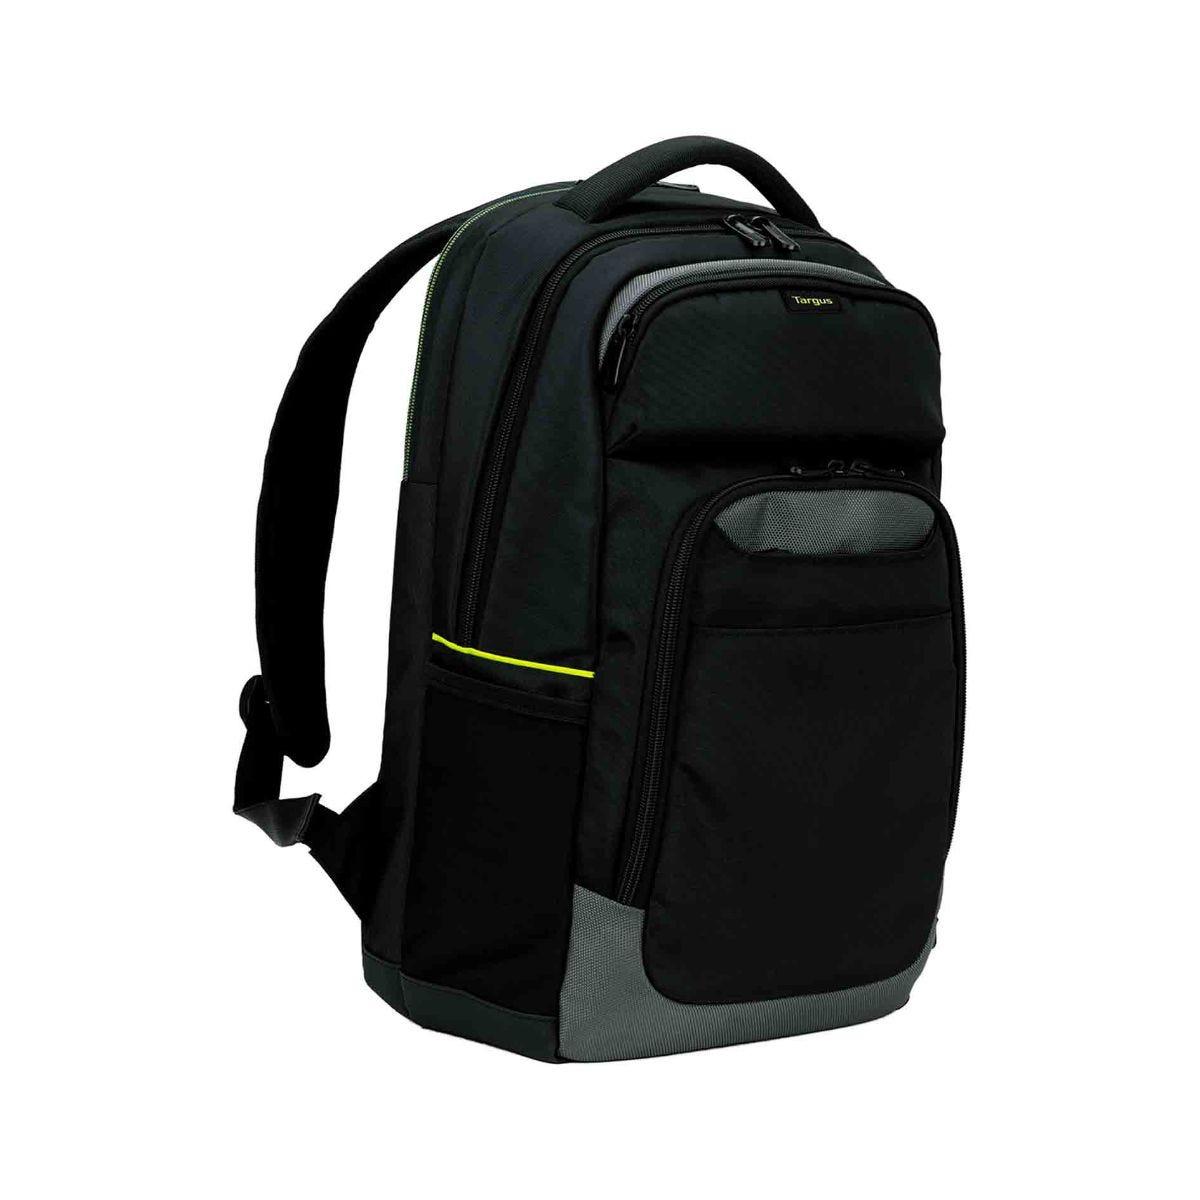 Image of Targus CityGear Laptop Backpack 14 Inch, Black